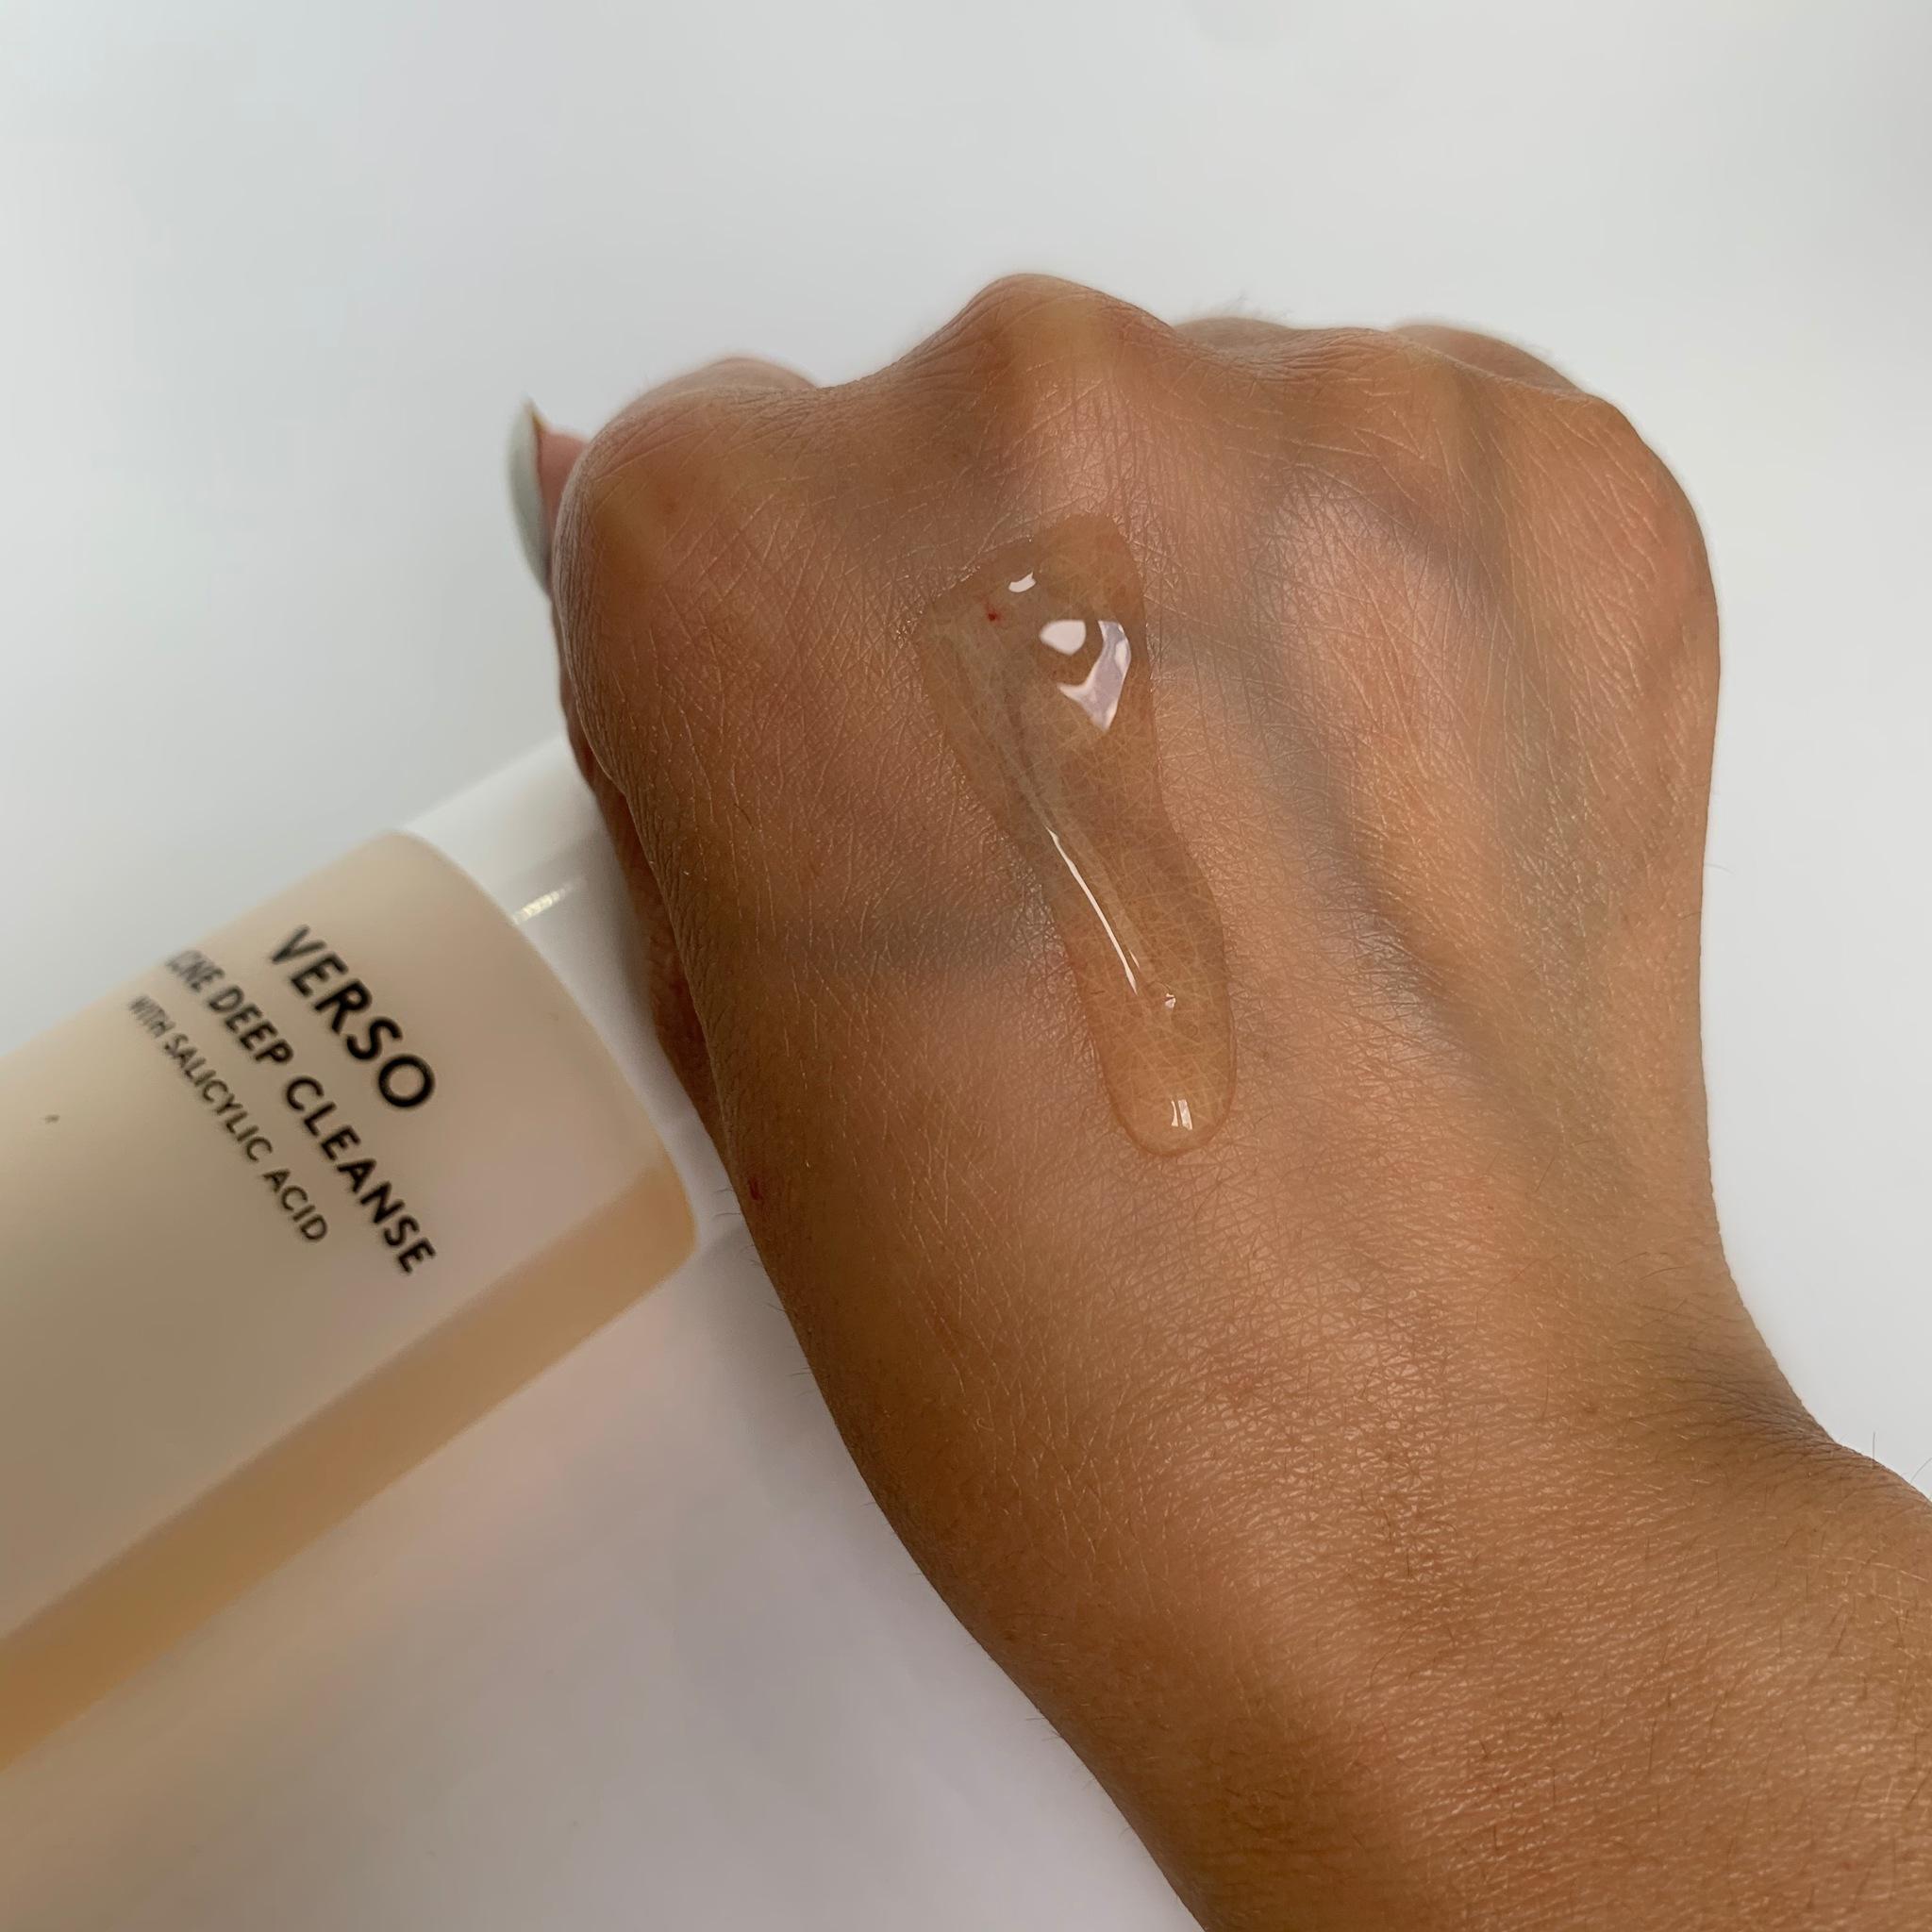 Гель для умывания Verso Acne Deep Cleanse 150 ml